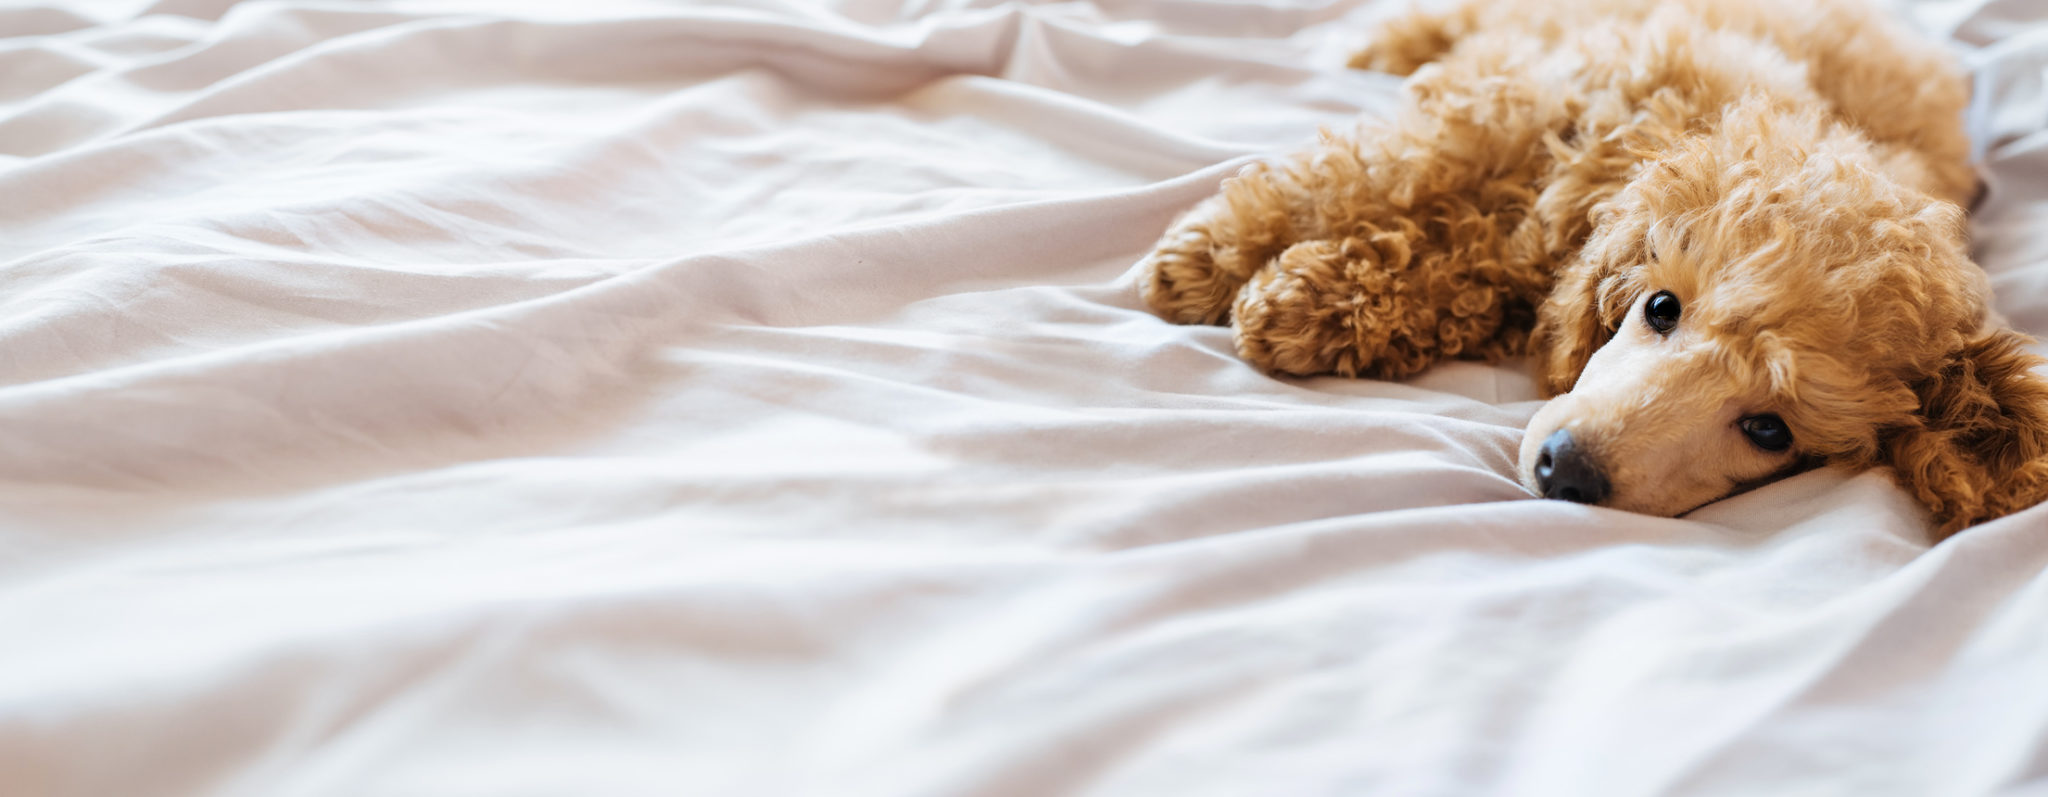 Sollte ich meinen Hund im Bett schlafen lassen? | Hundehaltung